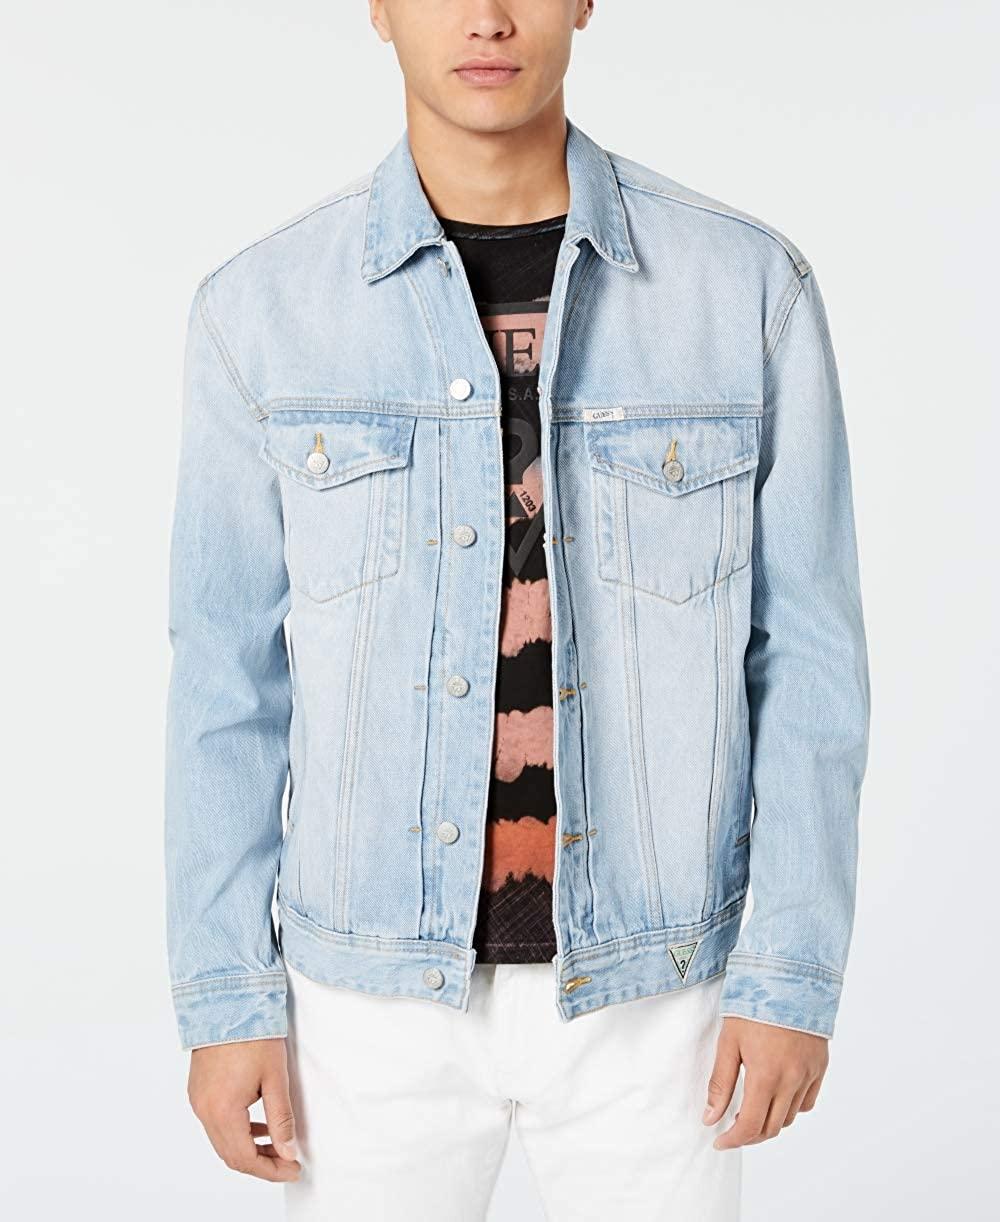 GUESS Men Jacket Jean Flap-Pocket Denim Logo Embroidered Blue 2XL